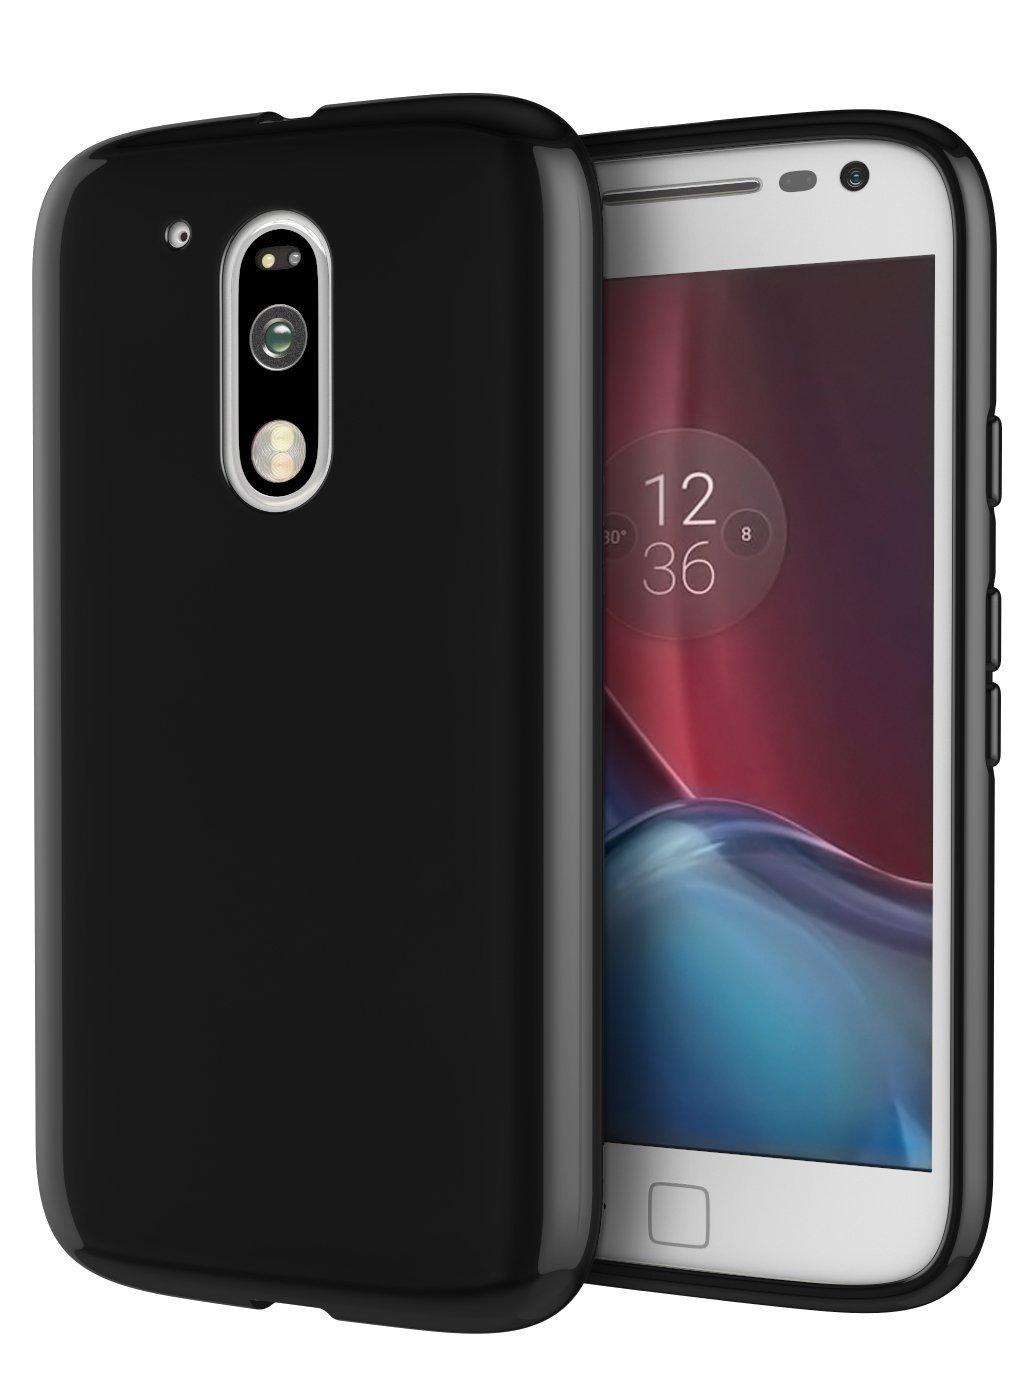 Moto G4 / G4 Plus Case Cimo [Grip] Premium Slim Protective Cover